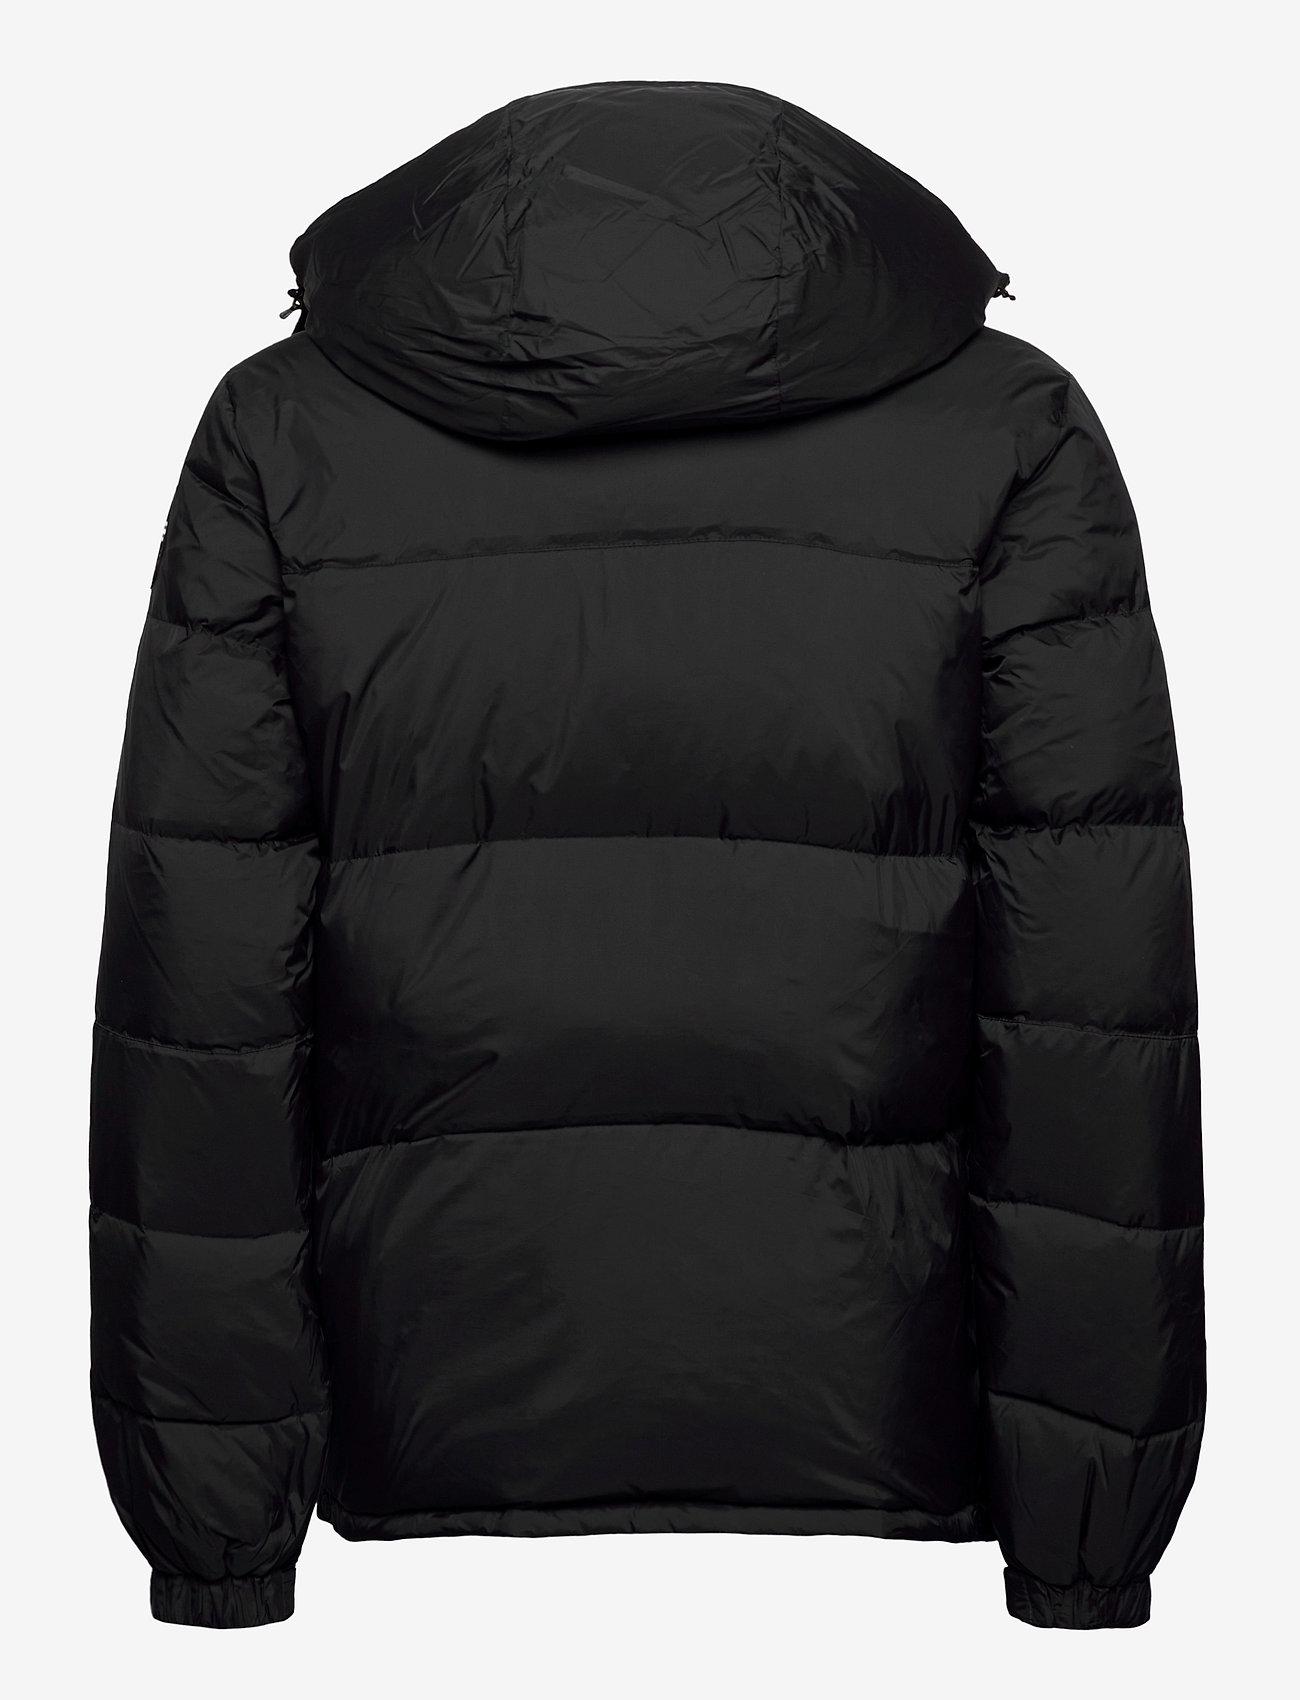 Frenkel Jacket (Black) (239.96 €) - 8848 Altitude nAXhF